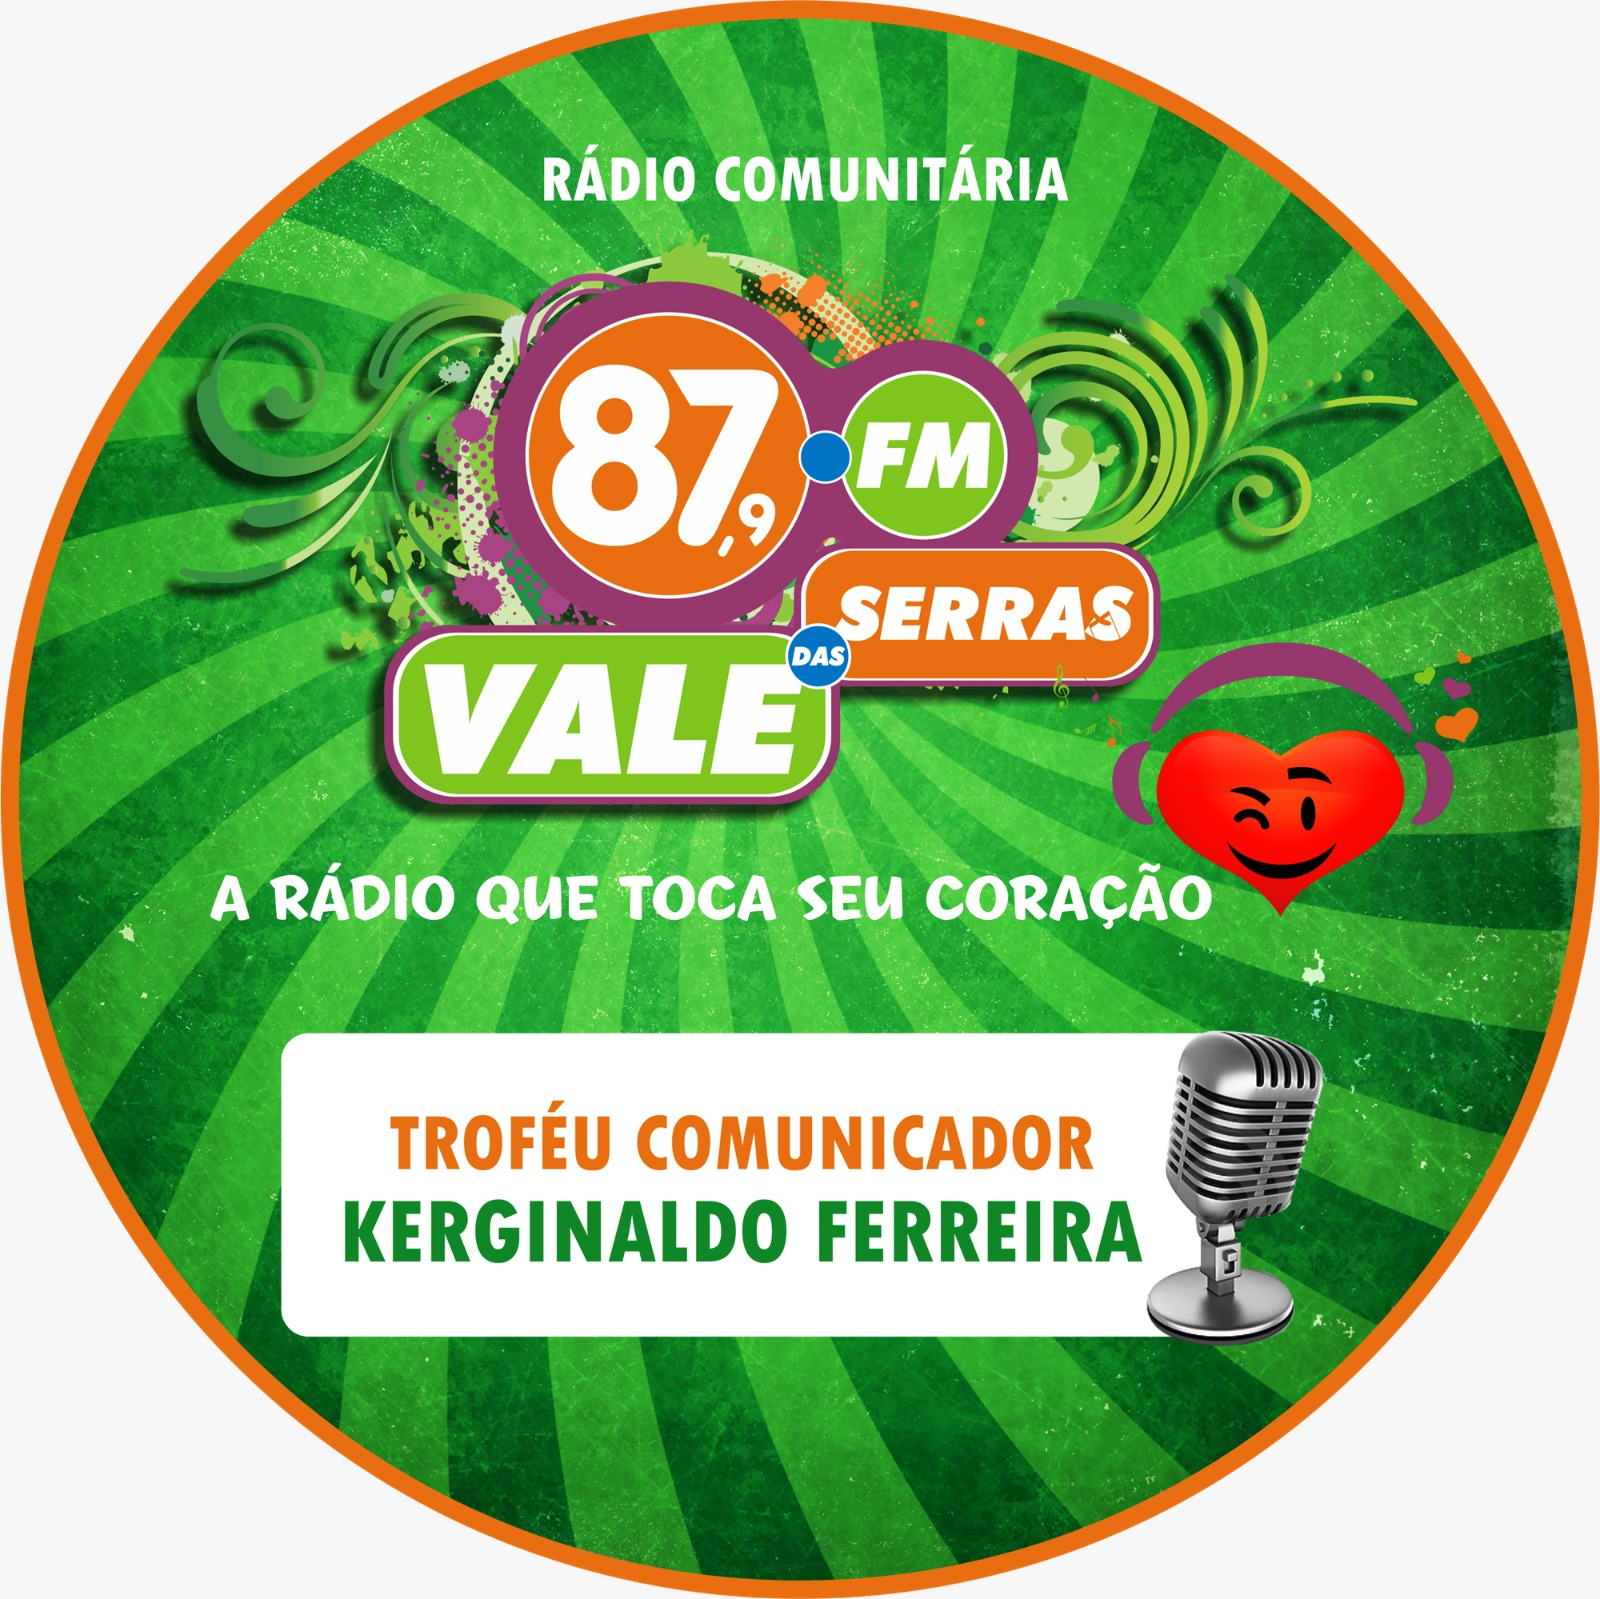 TROFÉU KERGINALDO FERREIRA